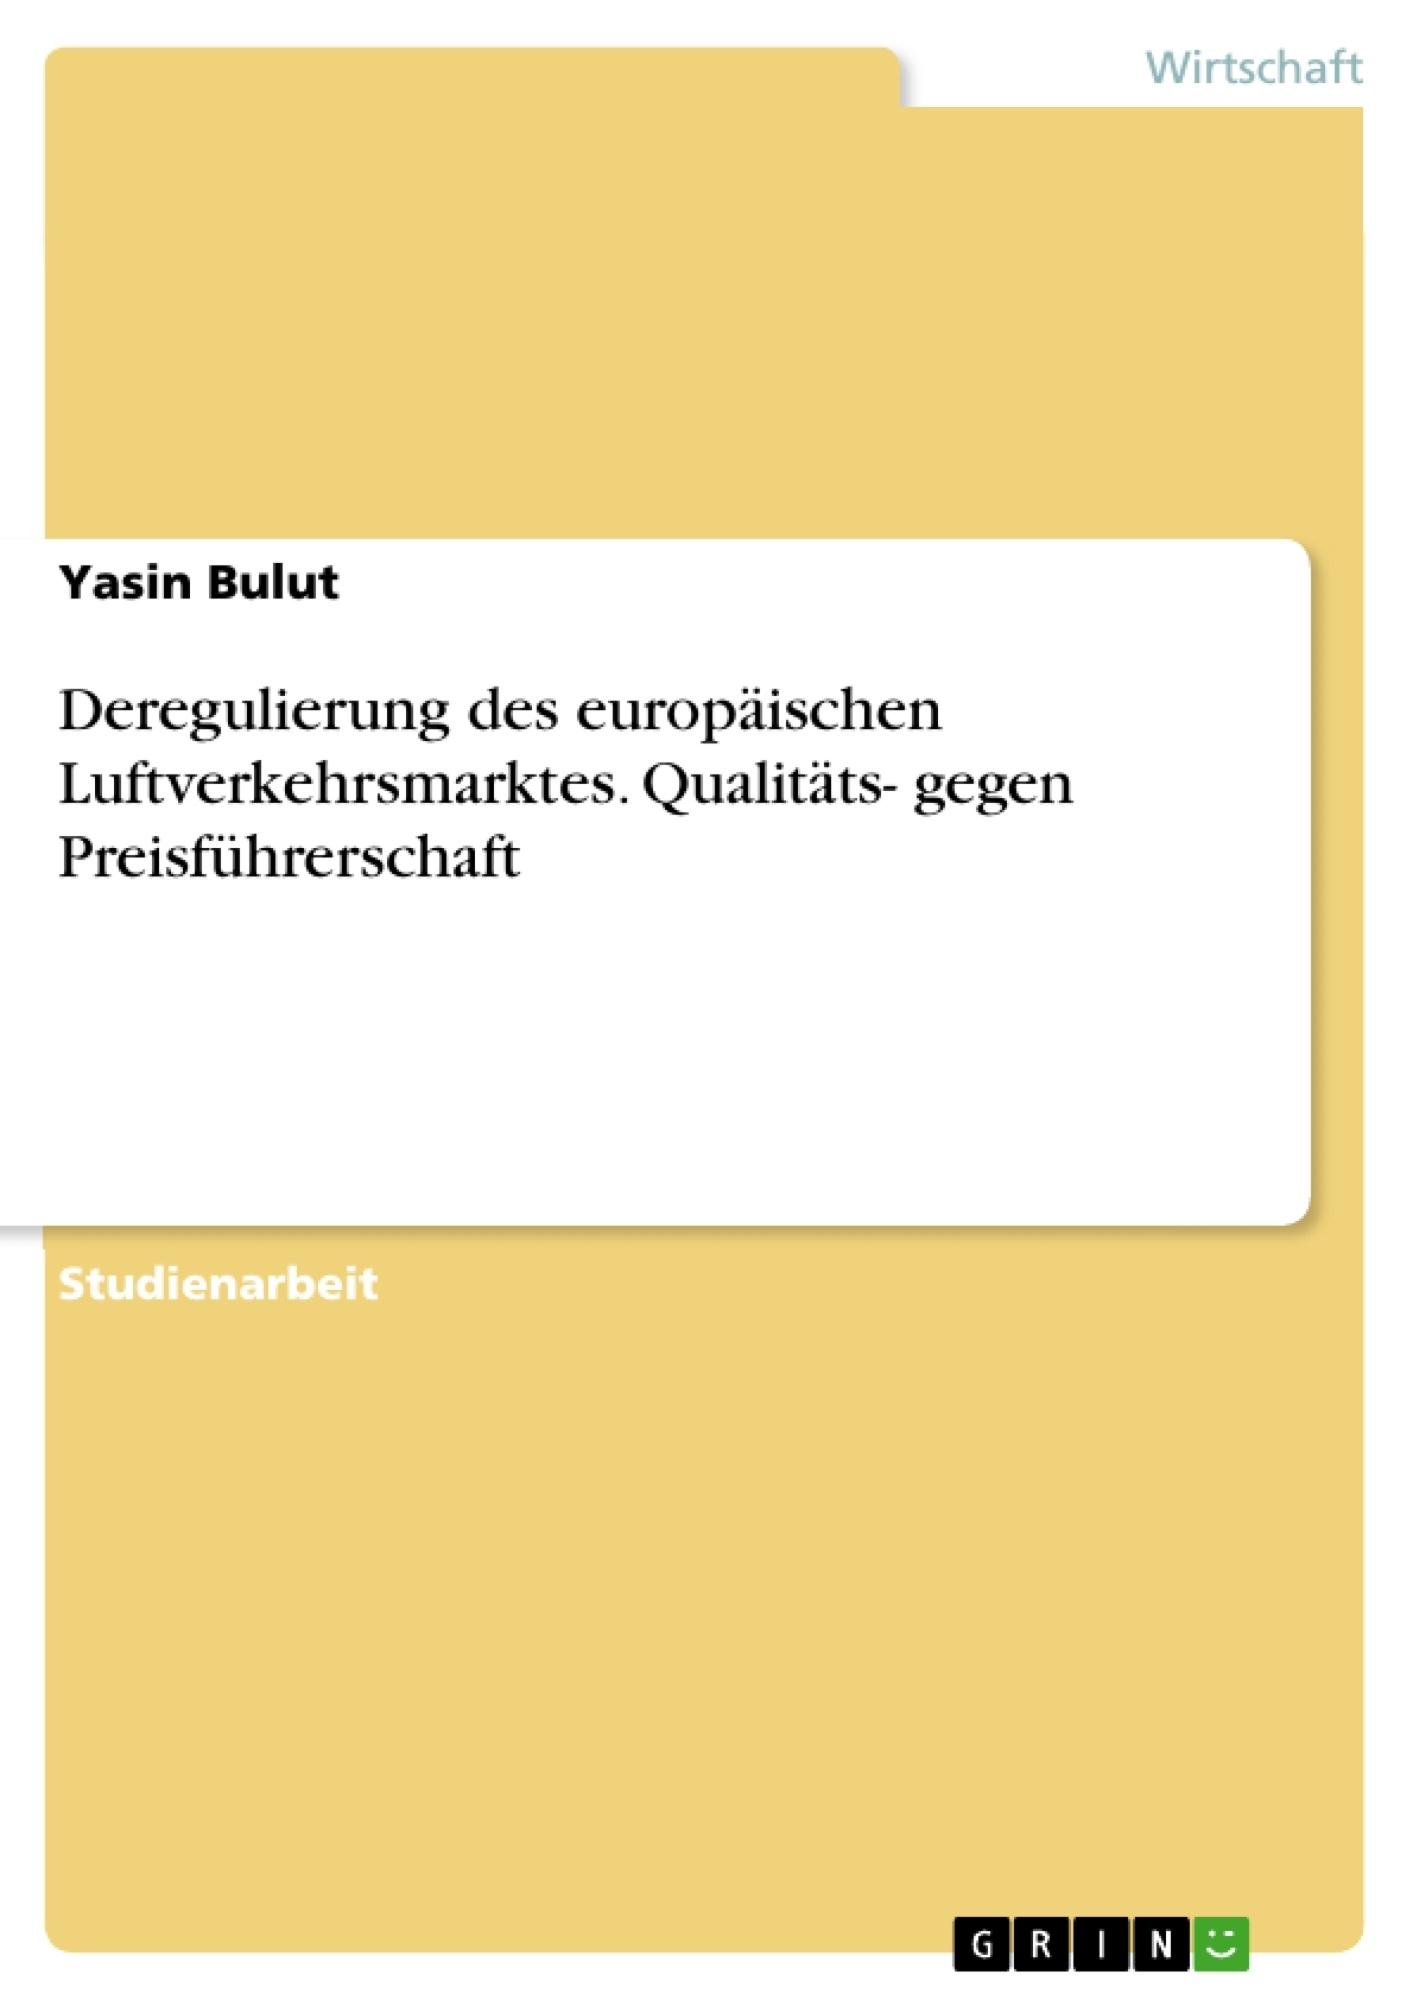 Titel: Deregulierung des europäischen Luftverkehrsmarktes. Qualitäts- gegen Preisführerschaft